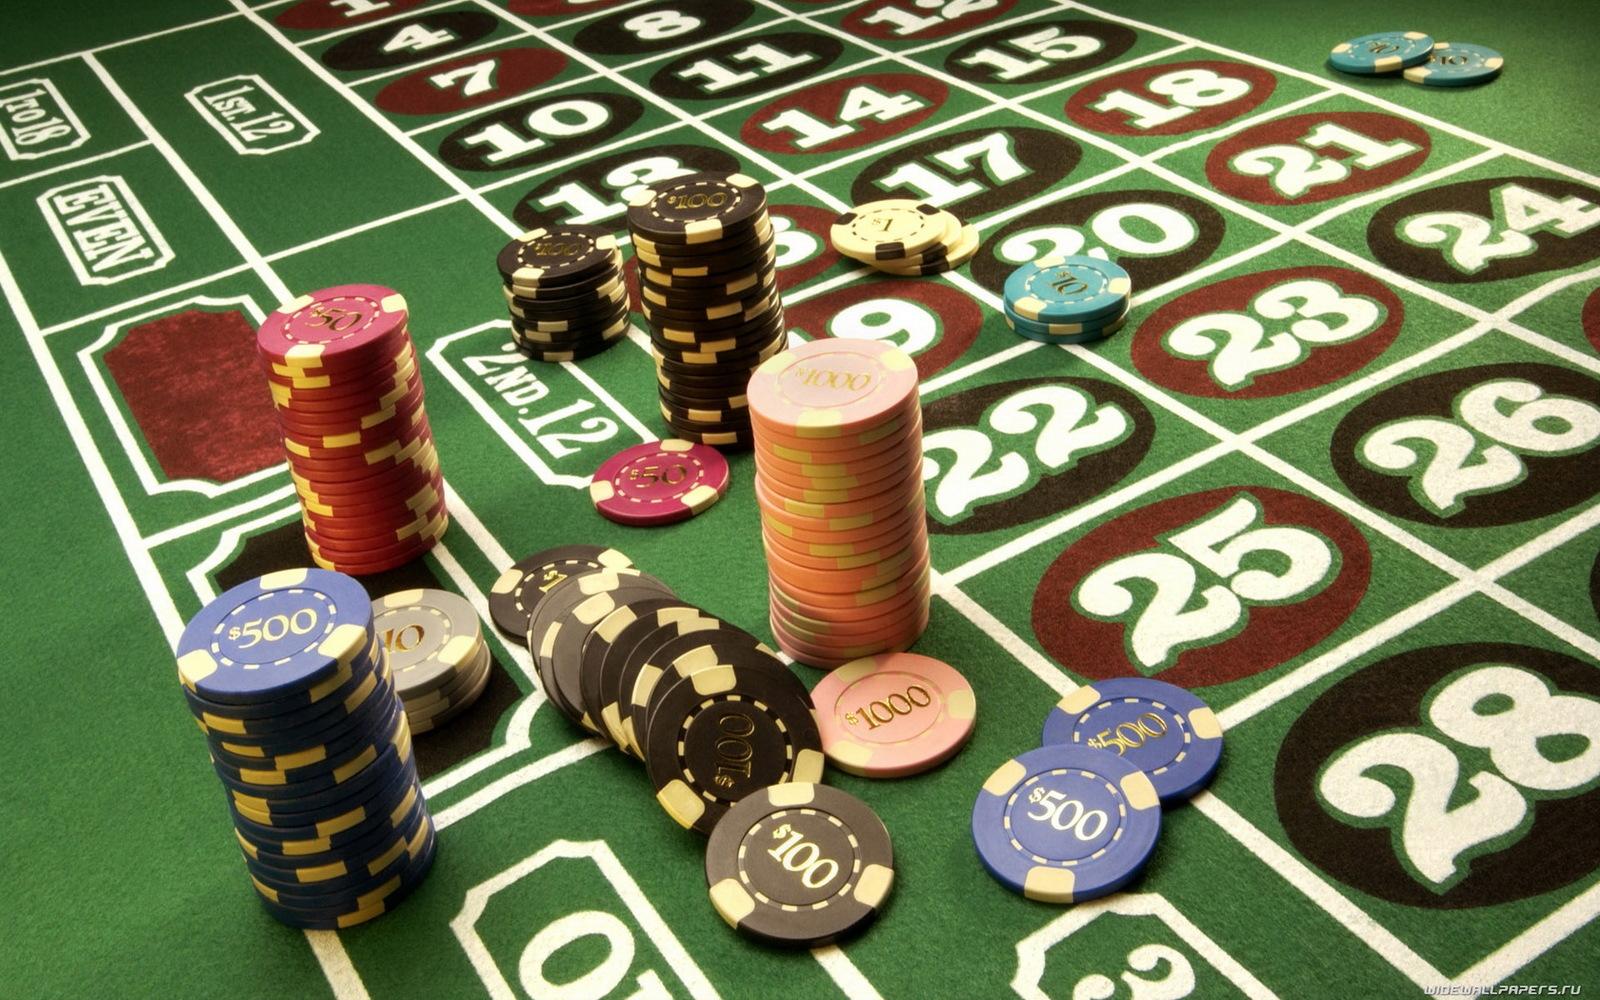 Заработок в интернете в казино правда или нет примеры сайтов для заработка в интернете